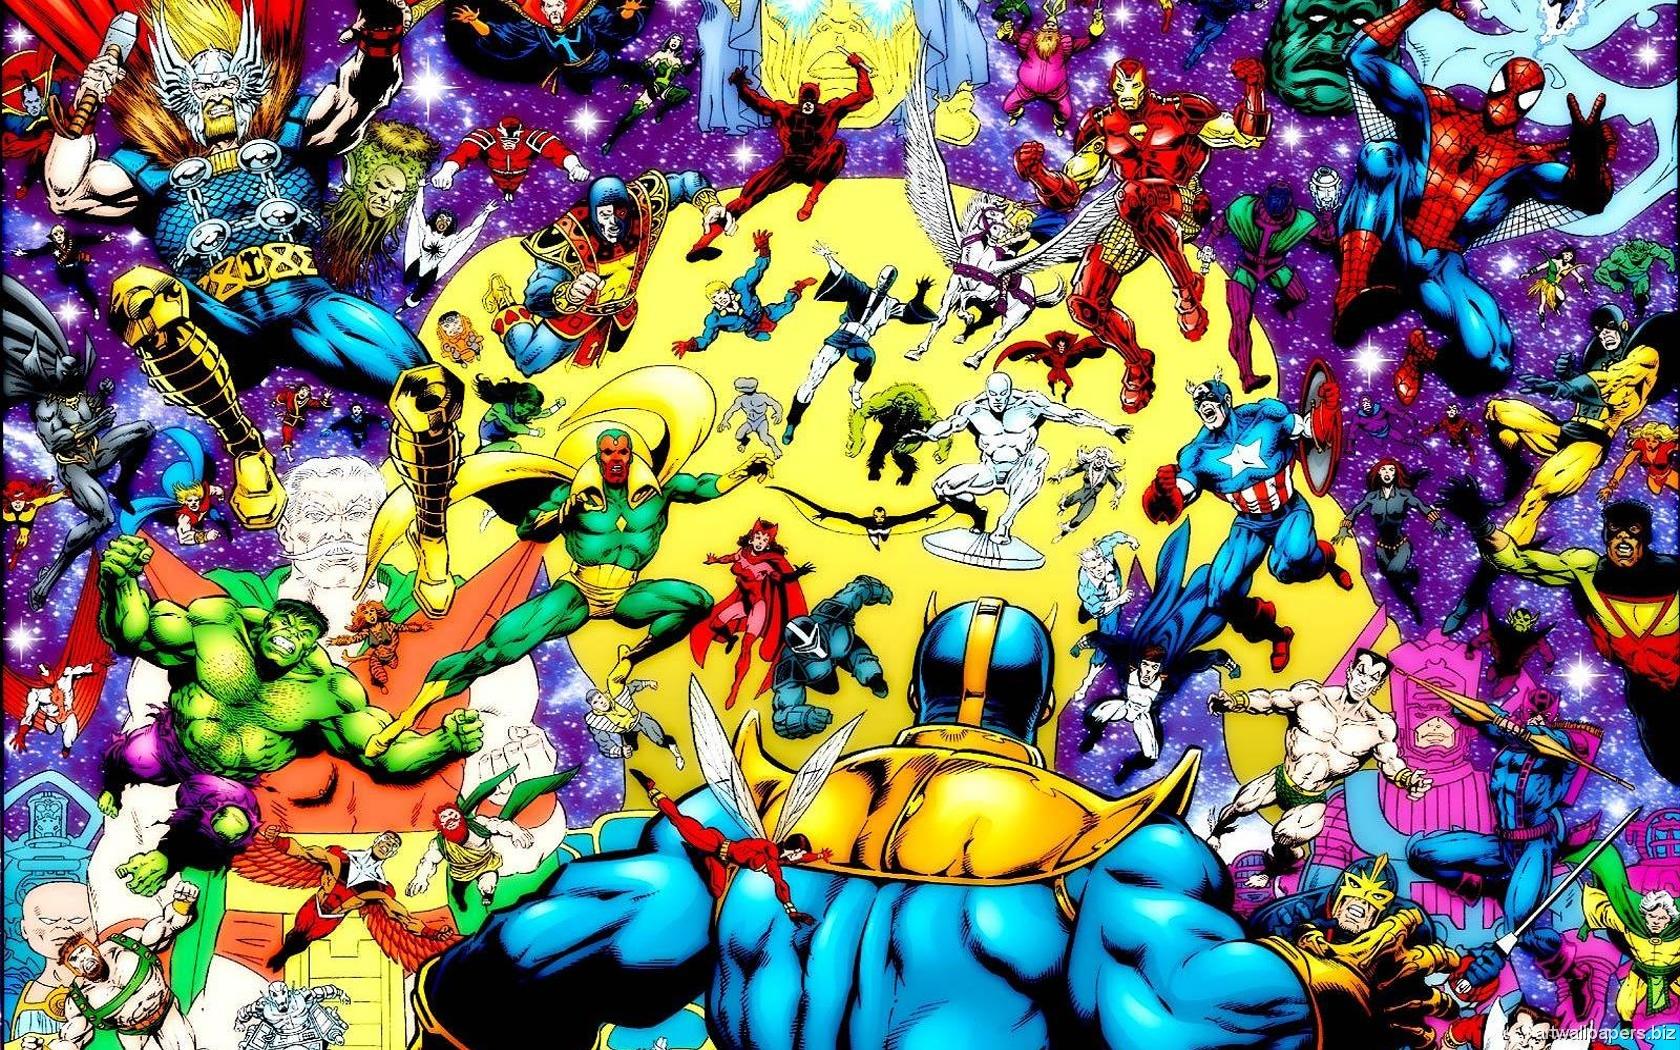 Book comic marvel wallpaper wallpapersafari - Marvel retro wallpaper ...